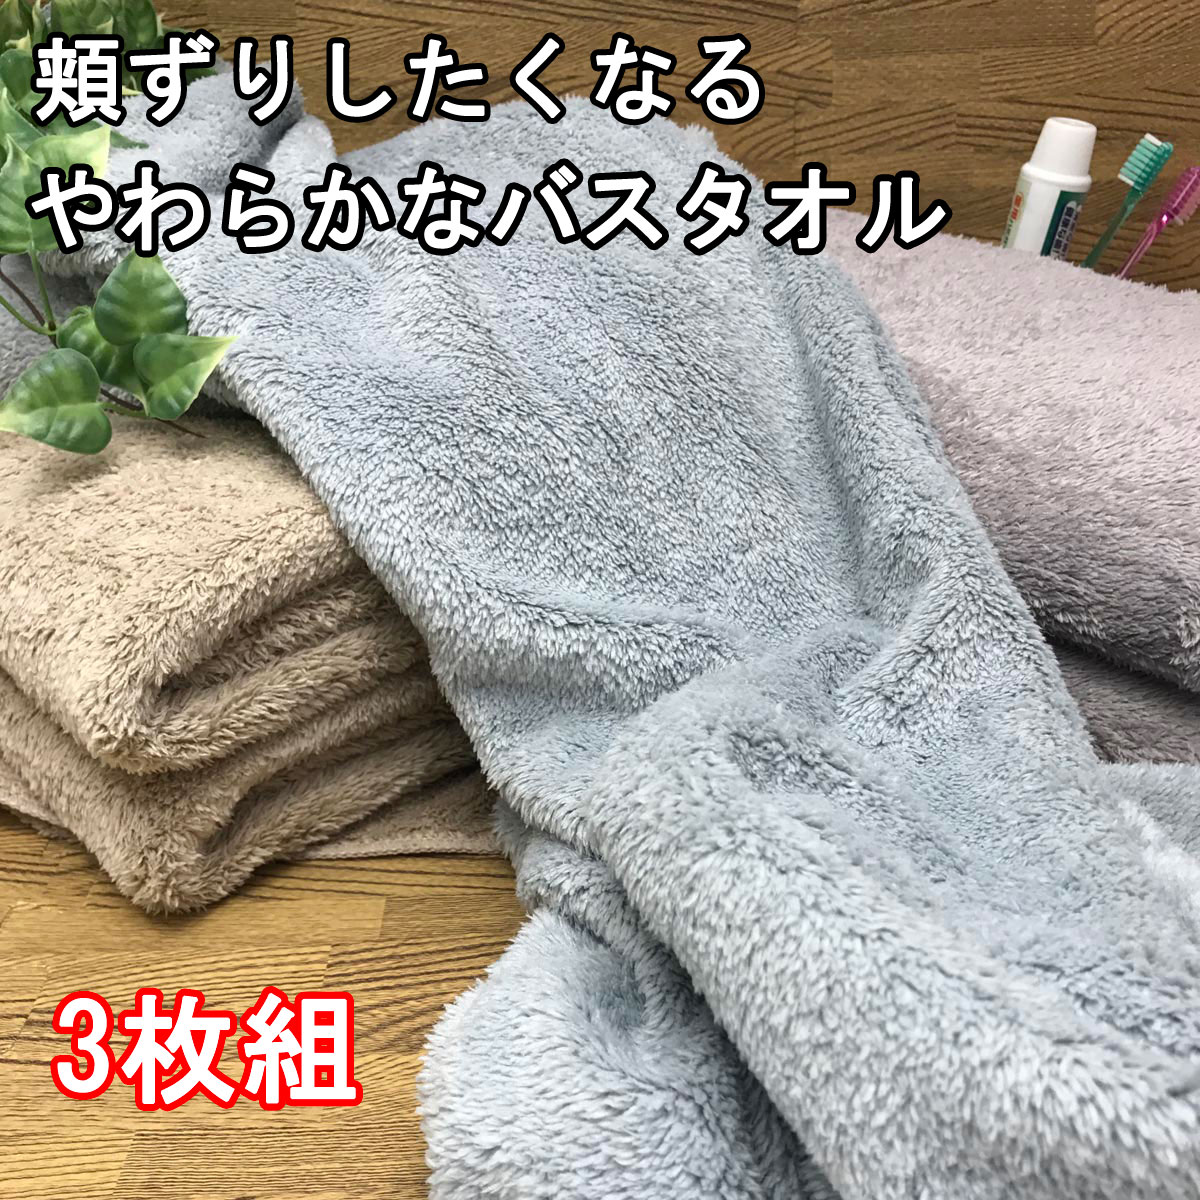 【送料無料 】マイクロファイバー バスタオル ボリューム たっぷり バスタオル 3枚組 60x120cm